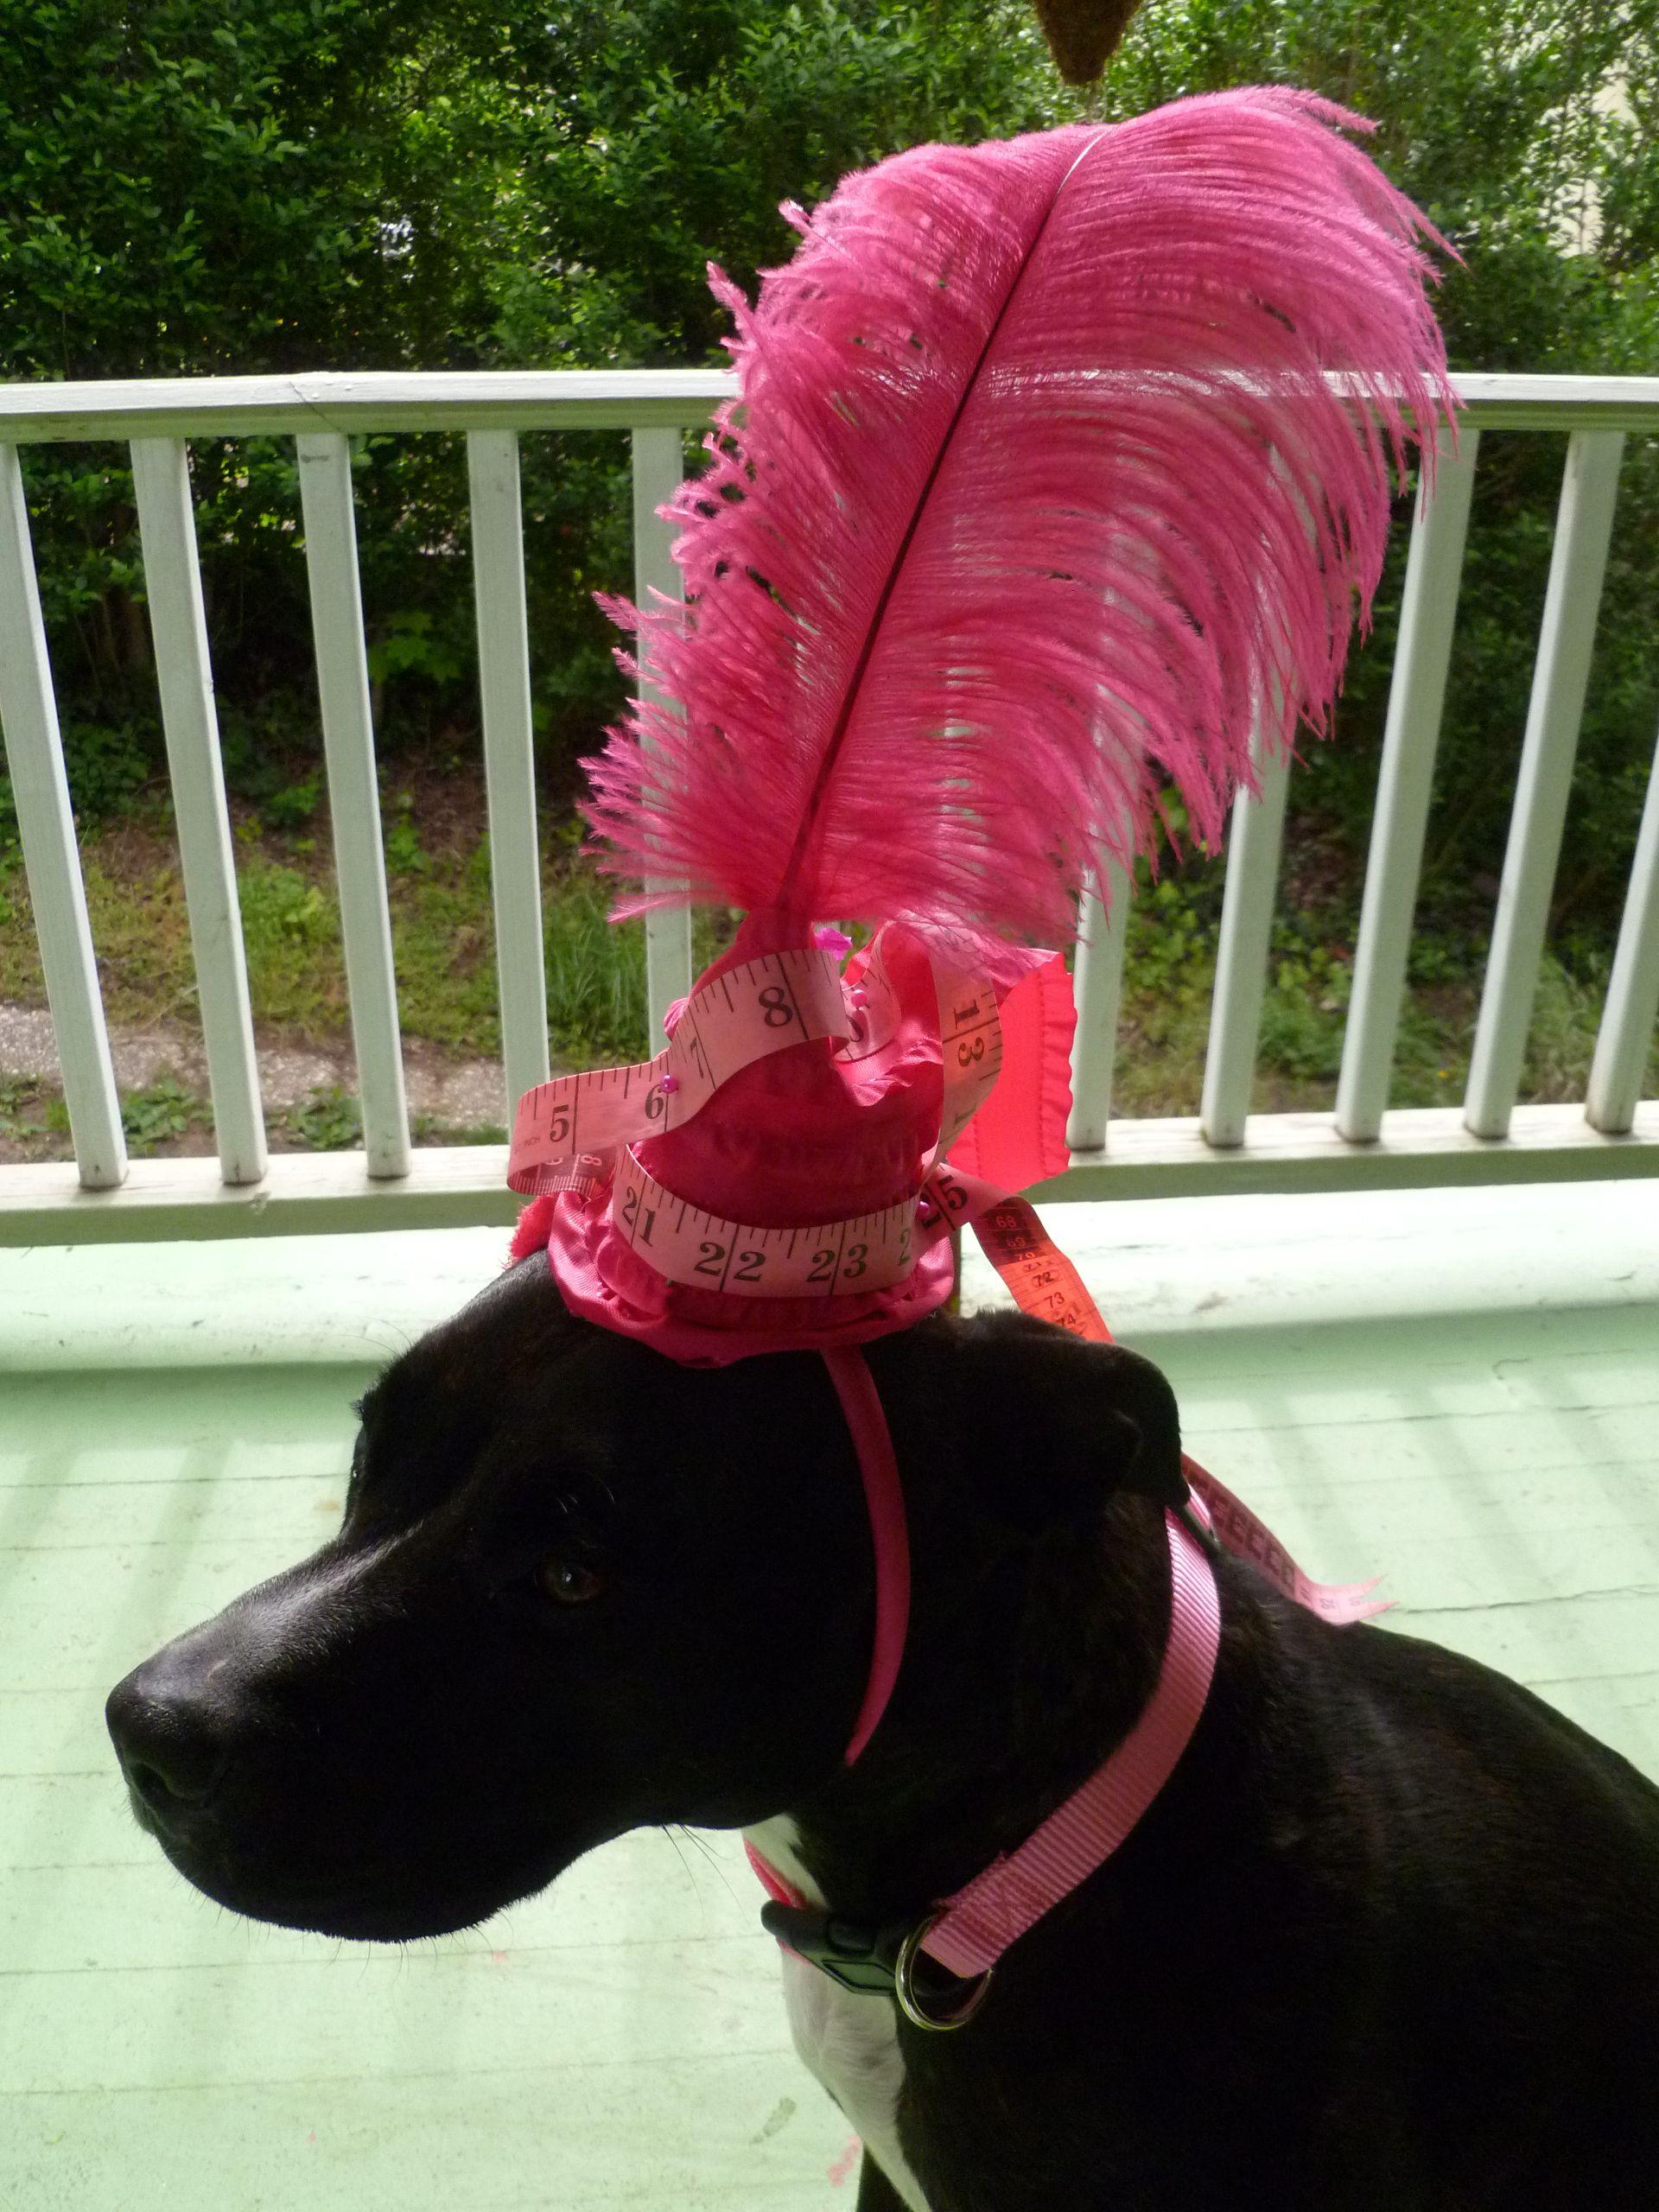 Oooooo!! Doggies wearin' ladies hats! I love it!! :)